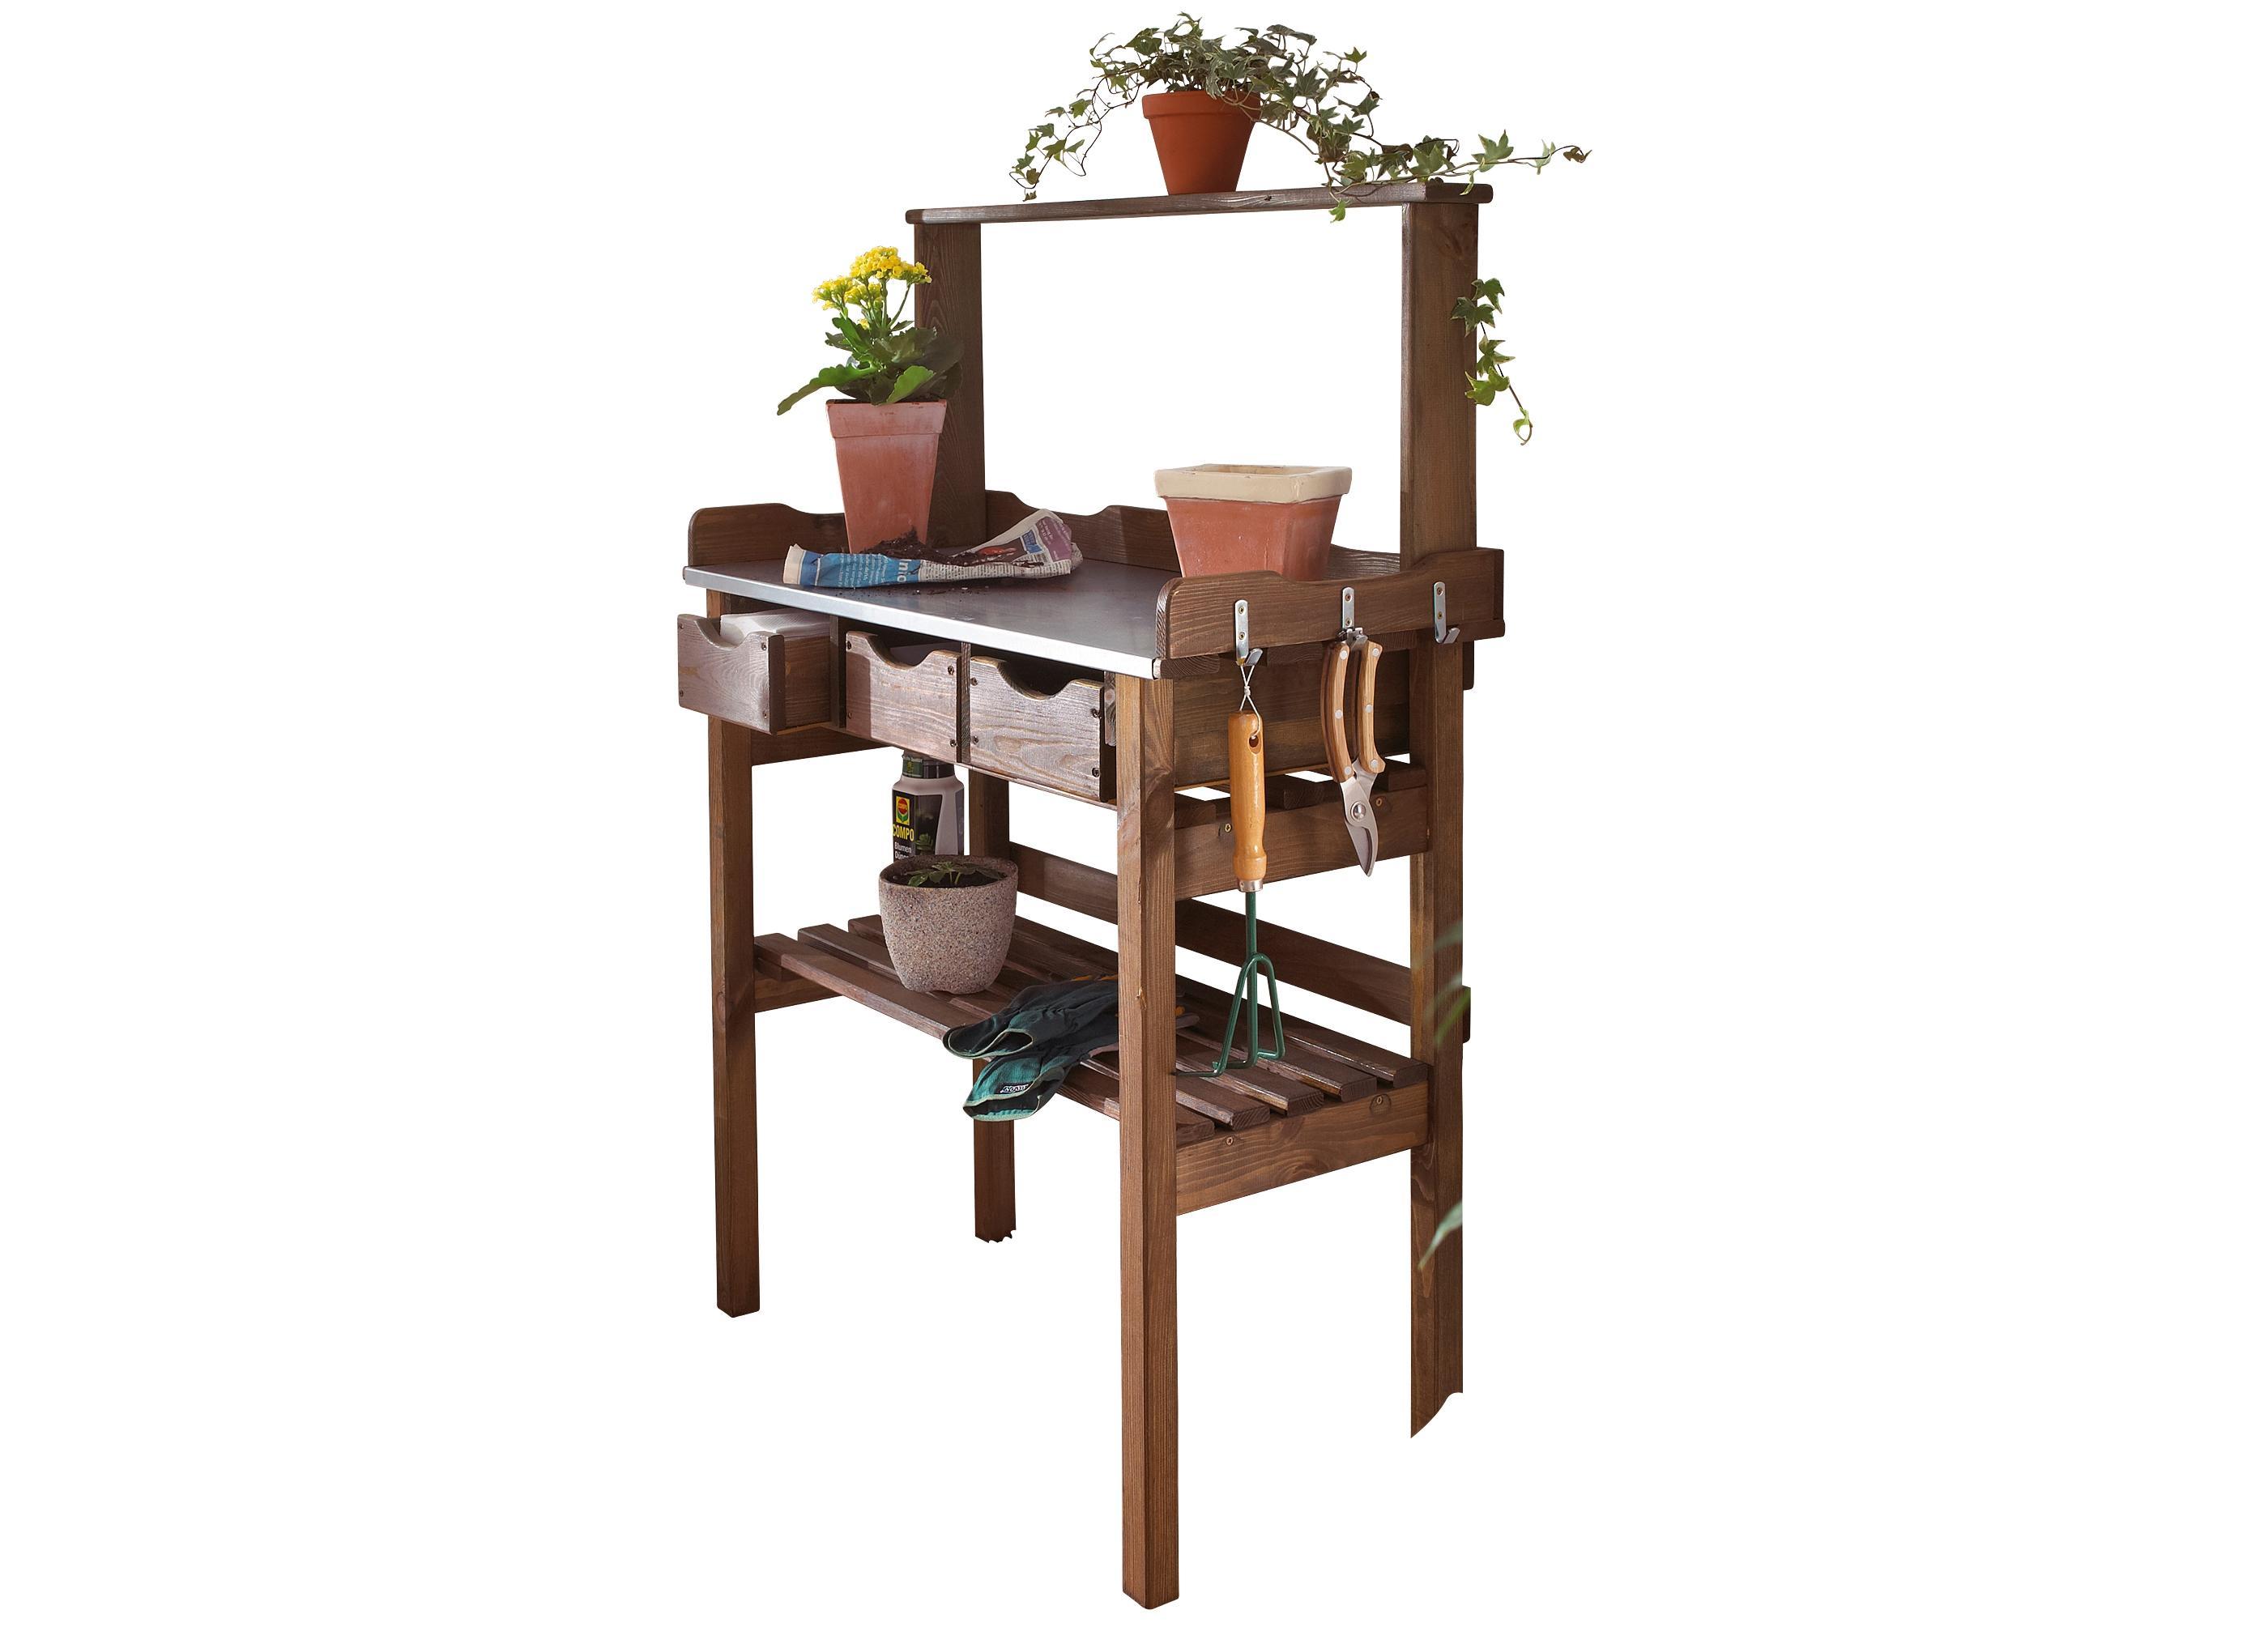 betten 1001 betten kampermeer ideen. Black Bedroom Furniture Sets. Home Design Ideas